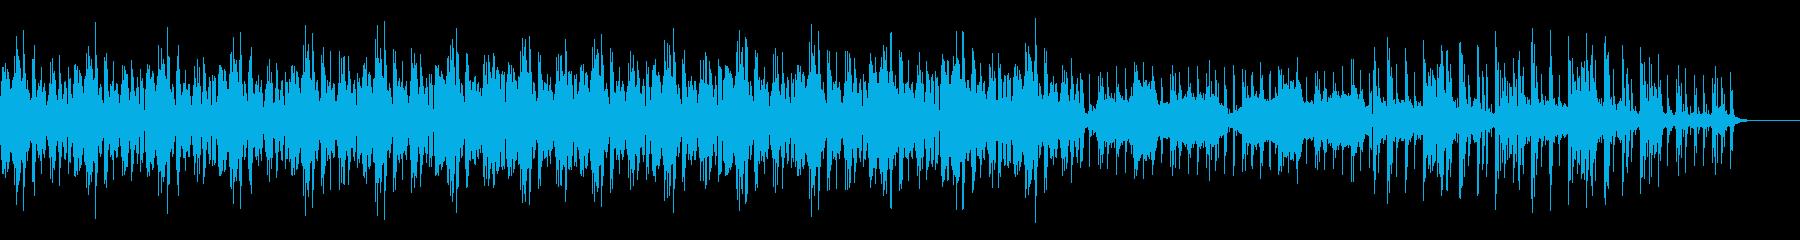 切ない感じのエレクトロニカの再生済みの波形